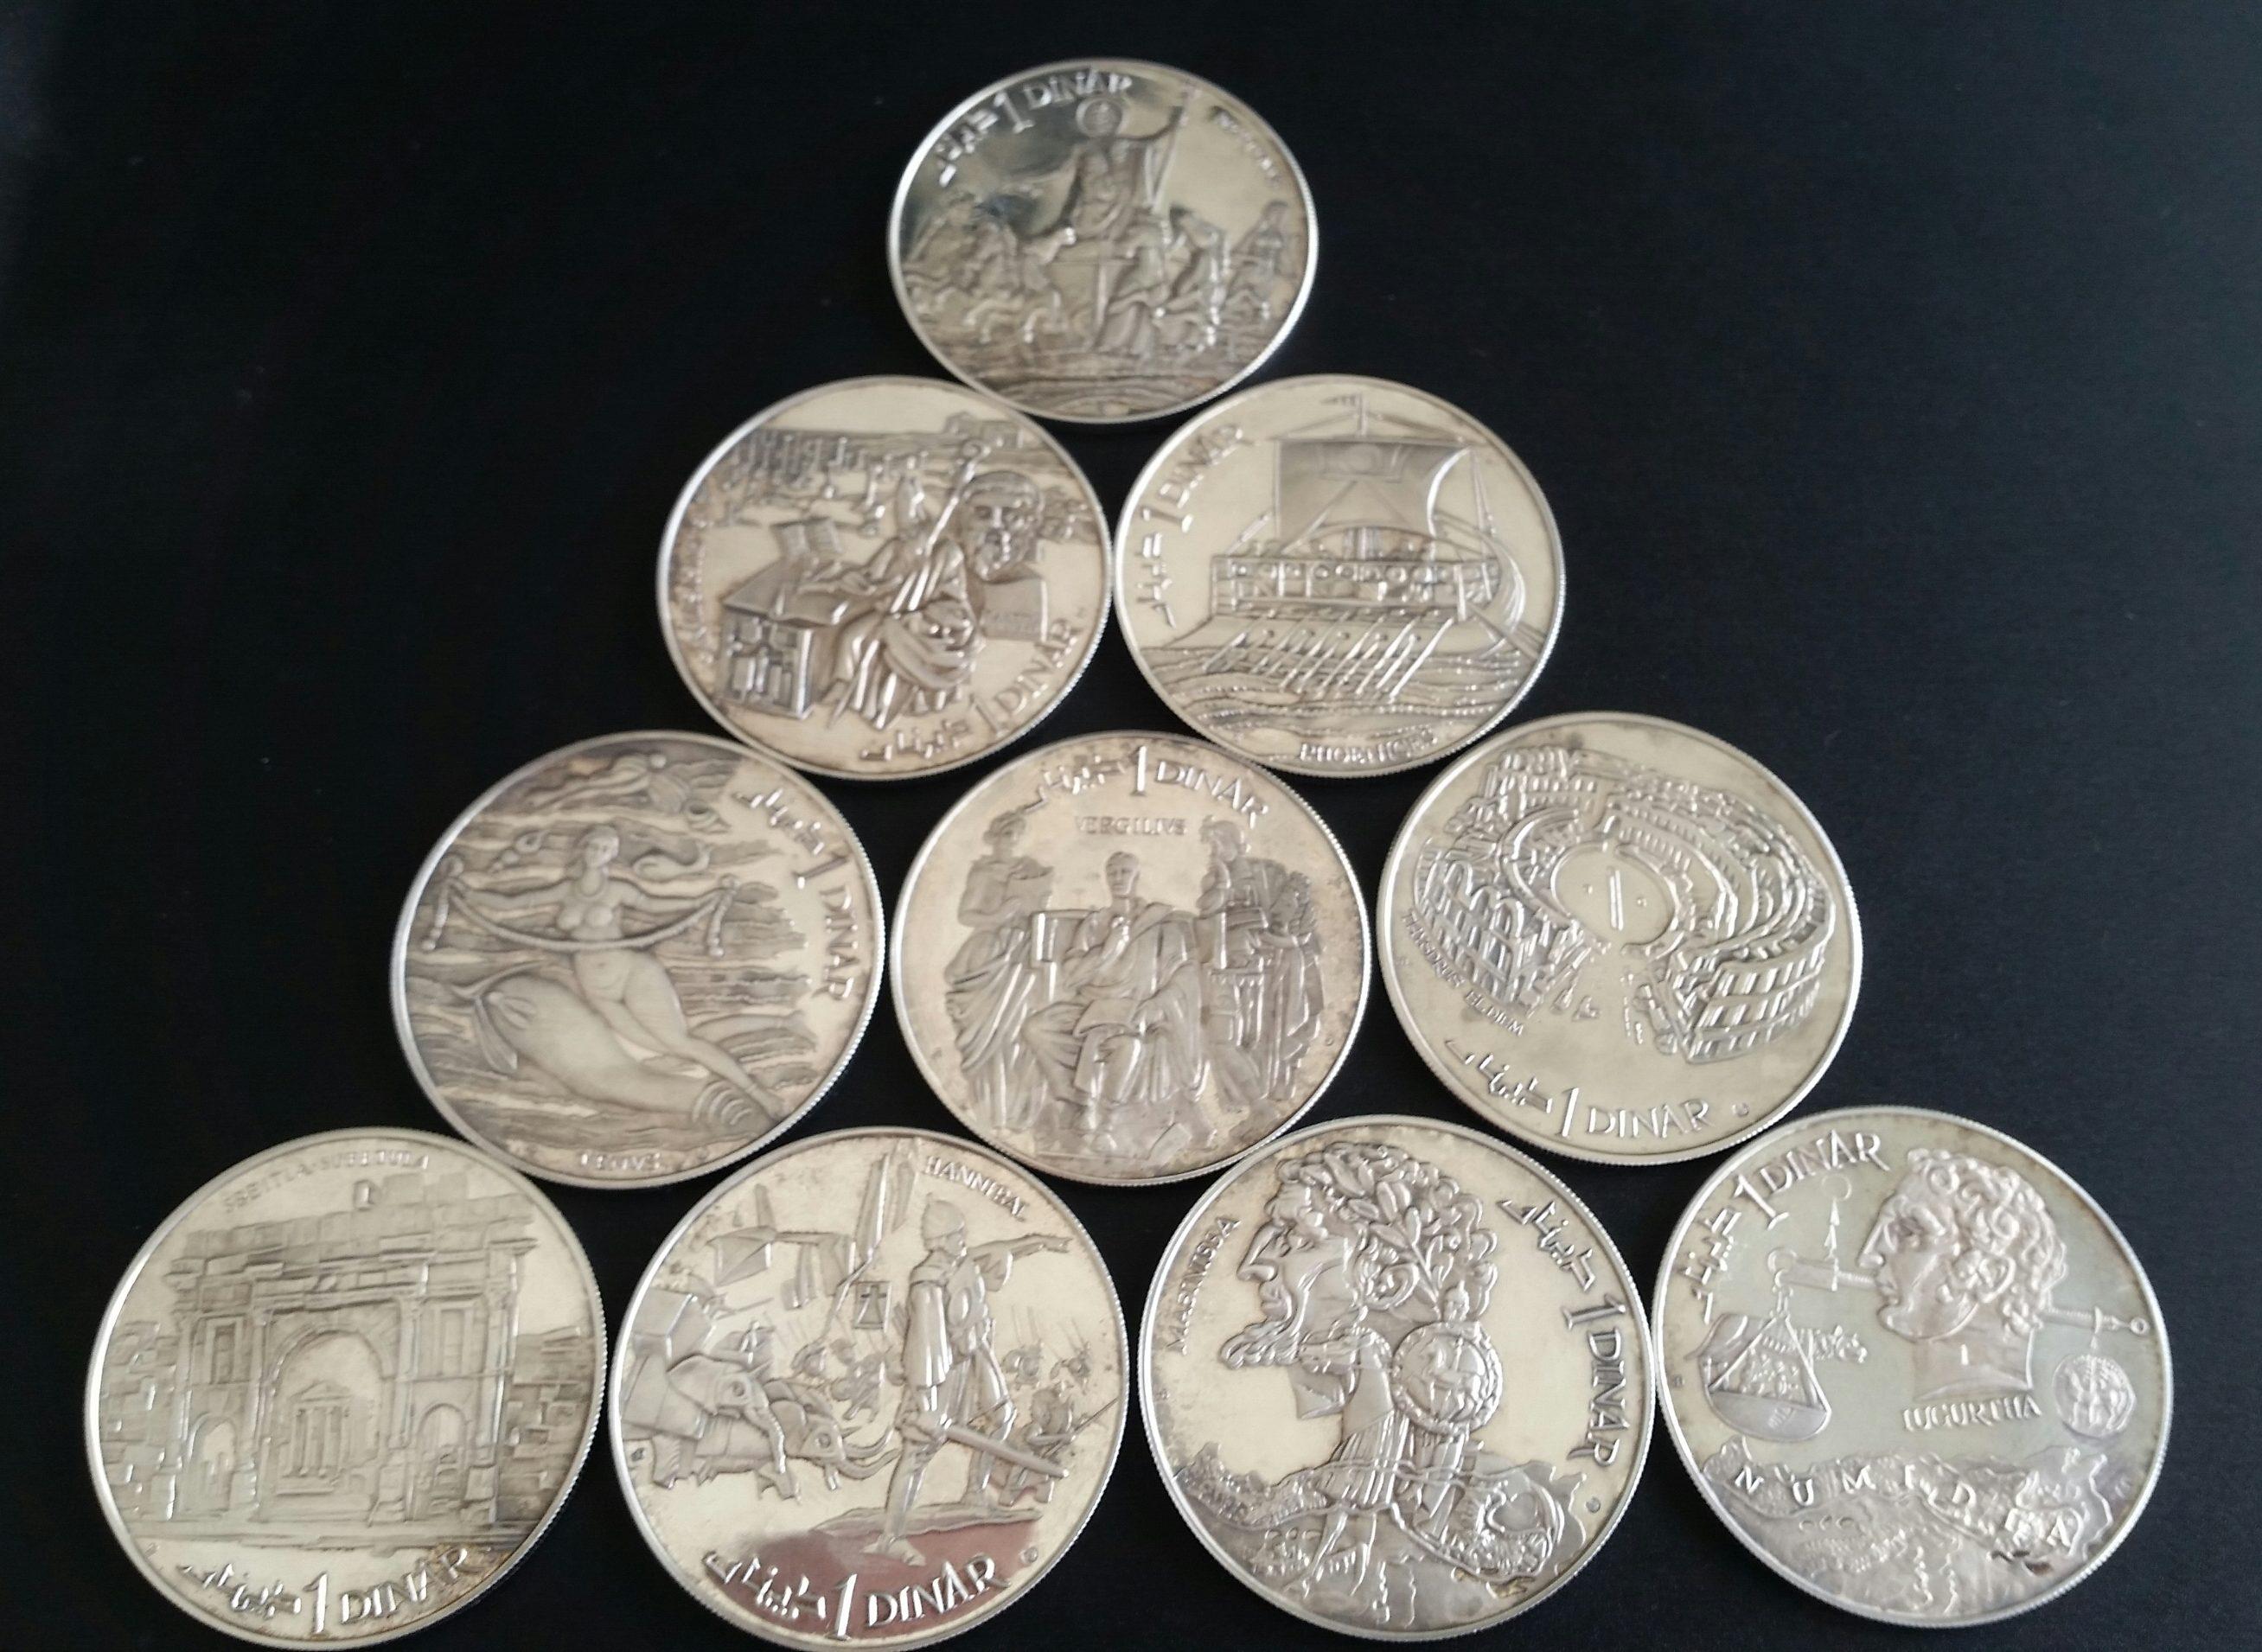 Tunesien 10 X 1 Dinar Muenzen 925 Silber Vollst Satz 1969 Nes